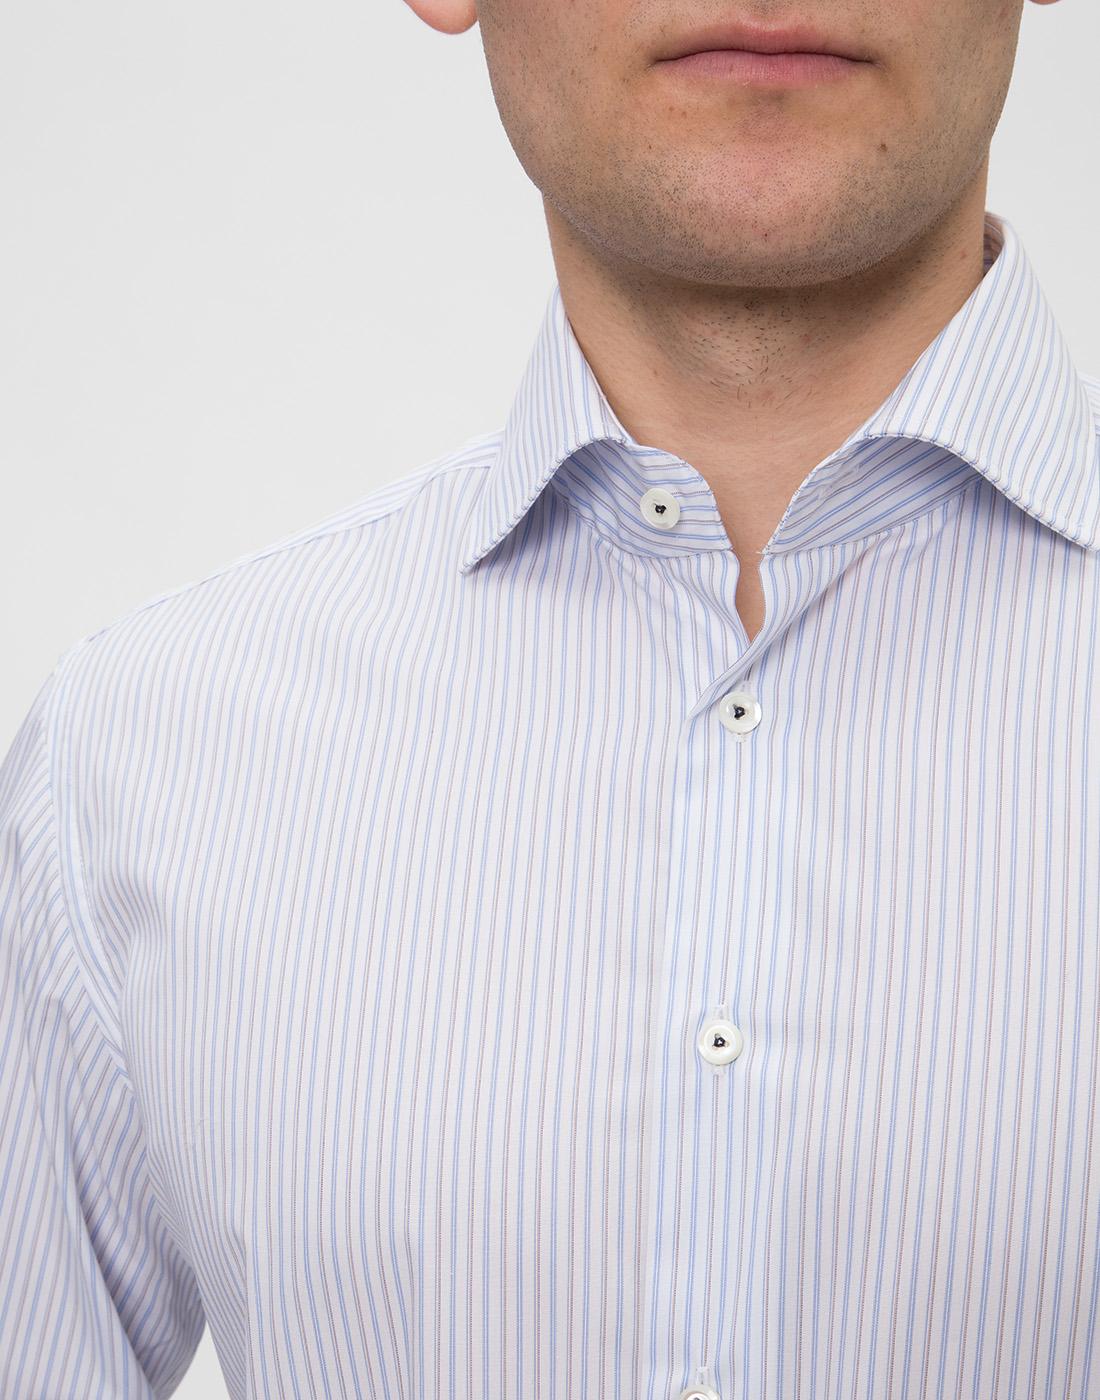 Мужская рубашка в полоску Van Laack SRIVARA-TFN 151570/007-6